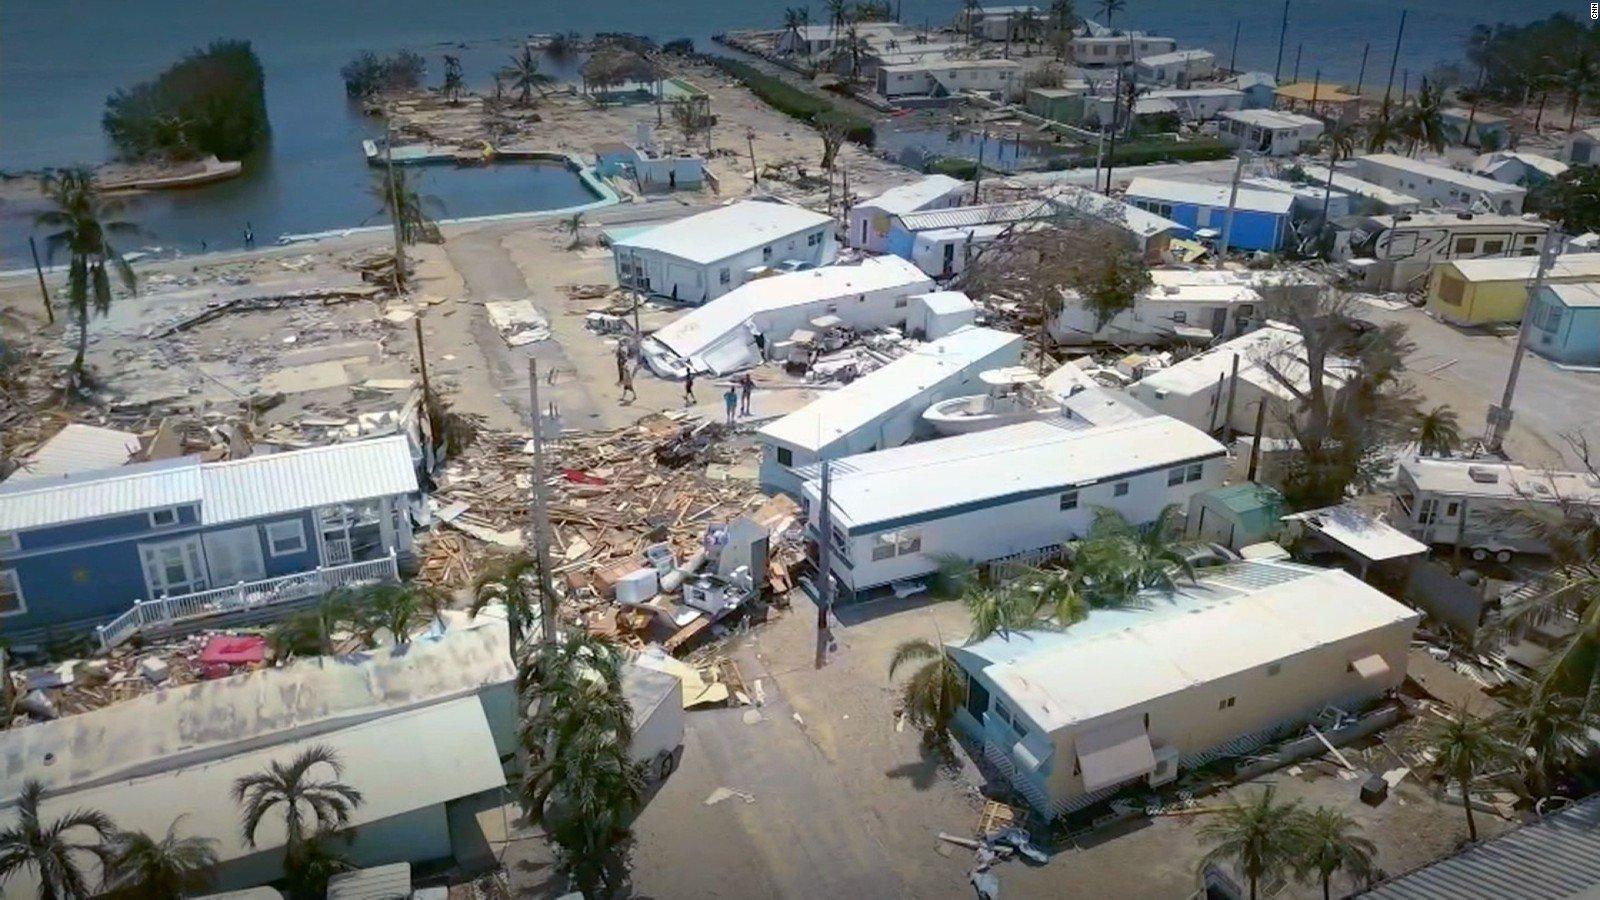 Si va a haber más huracanes, ¿hacia dónde dirigir el desarrollo inmobiliario? https://t.co/I5xnHR5jtB https://t.co/xYnuwXH1Ar